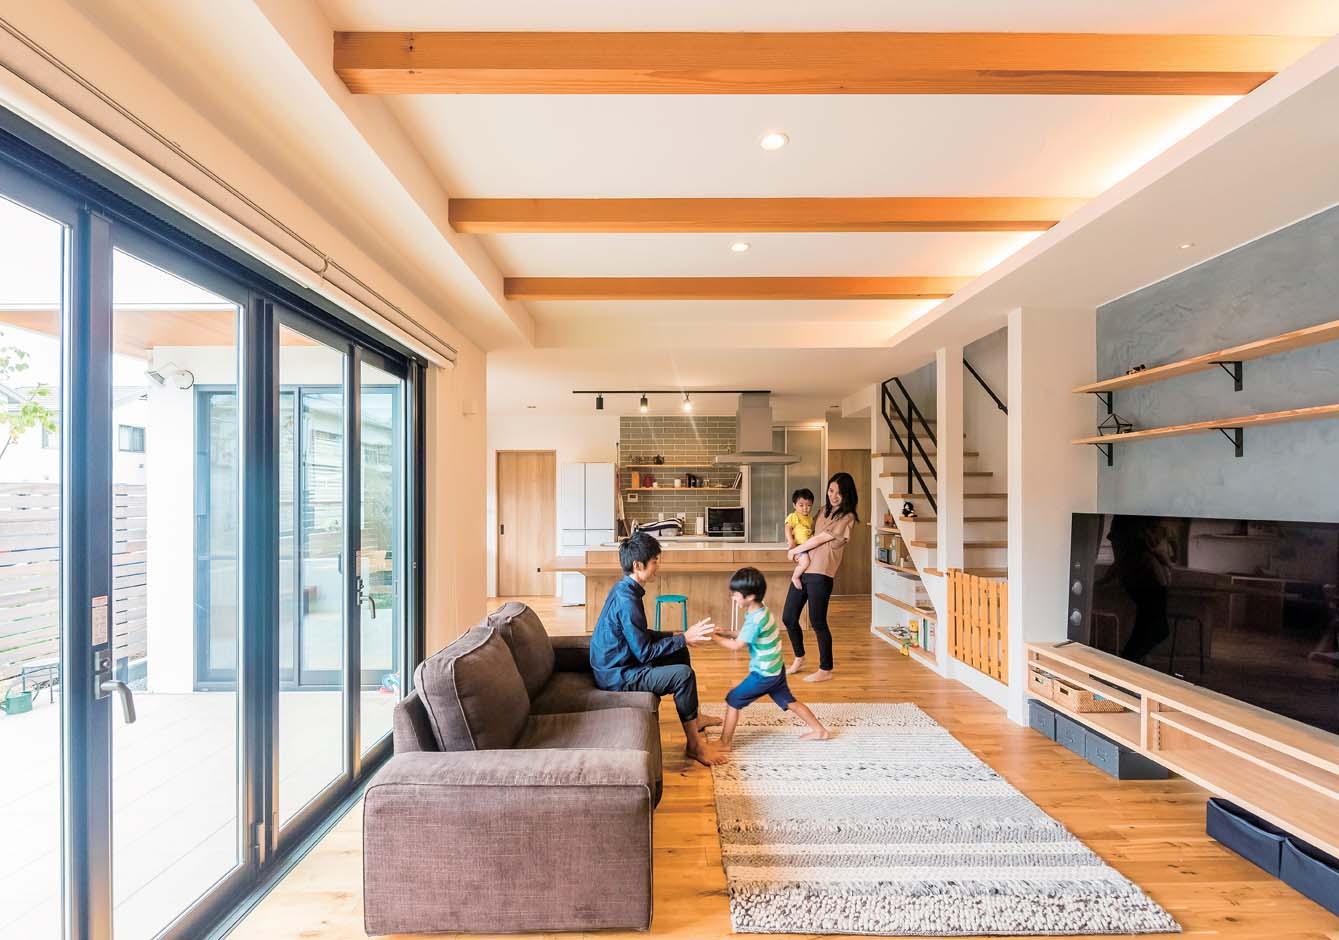 アトリエサクラ【子育て、間取り、ガレージ】LDKは大きめのカウンターがついたアイランドキッチンを主役に。テラスへ続くフルオープンの窓や梁を見せた上げ天井など、細かなこだわりもすべて実現した